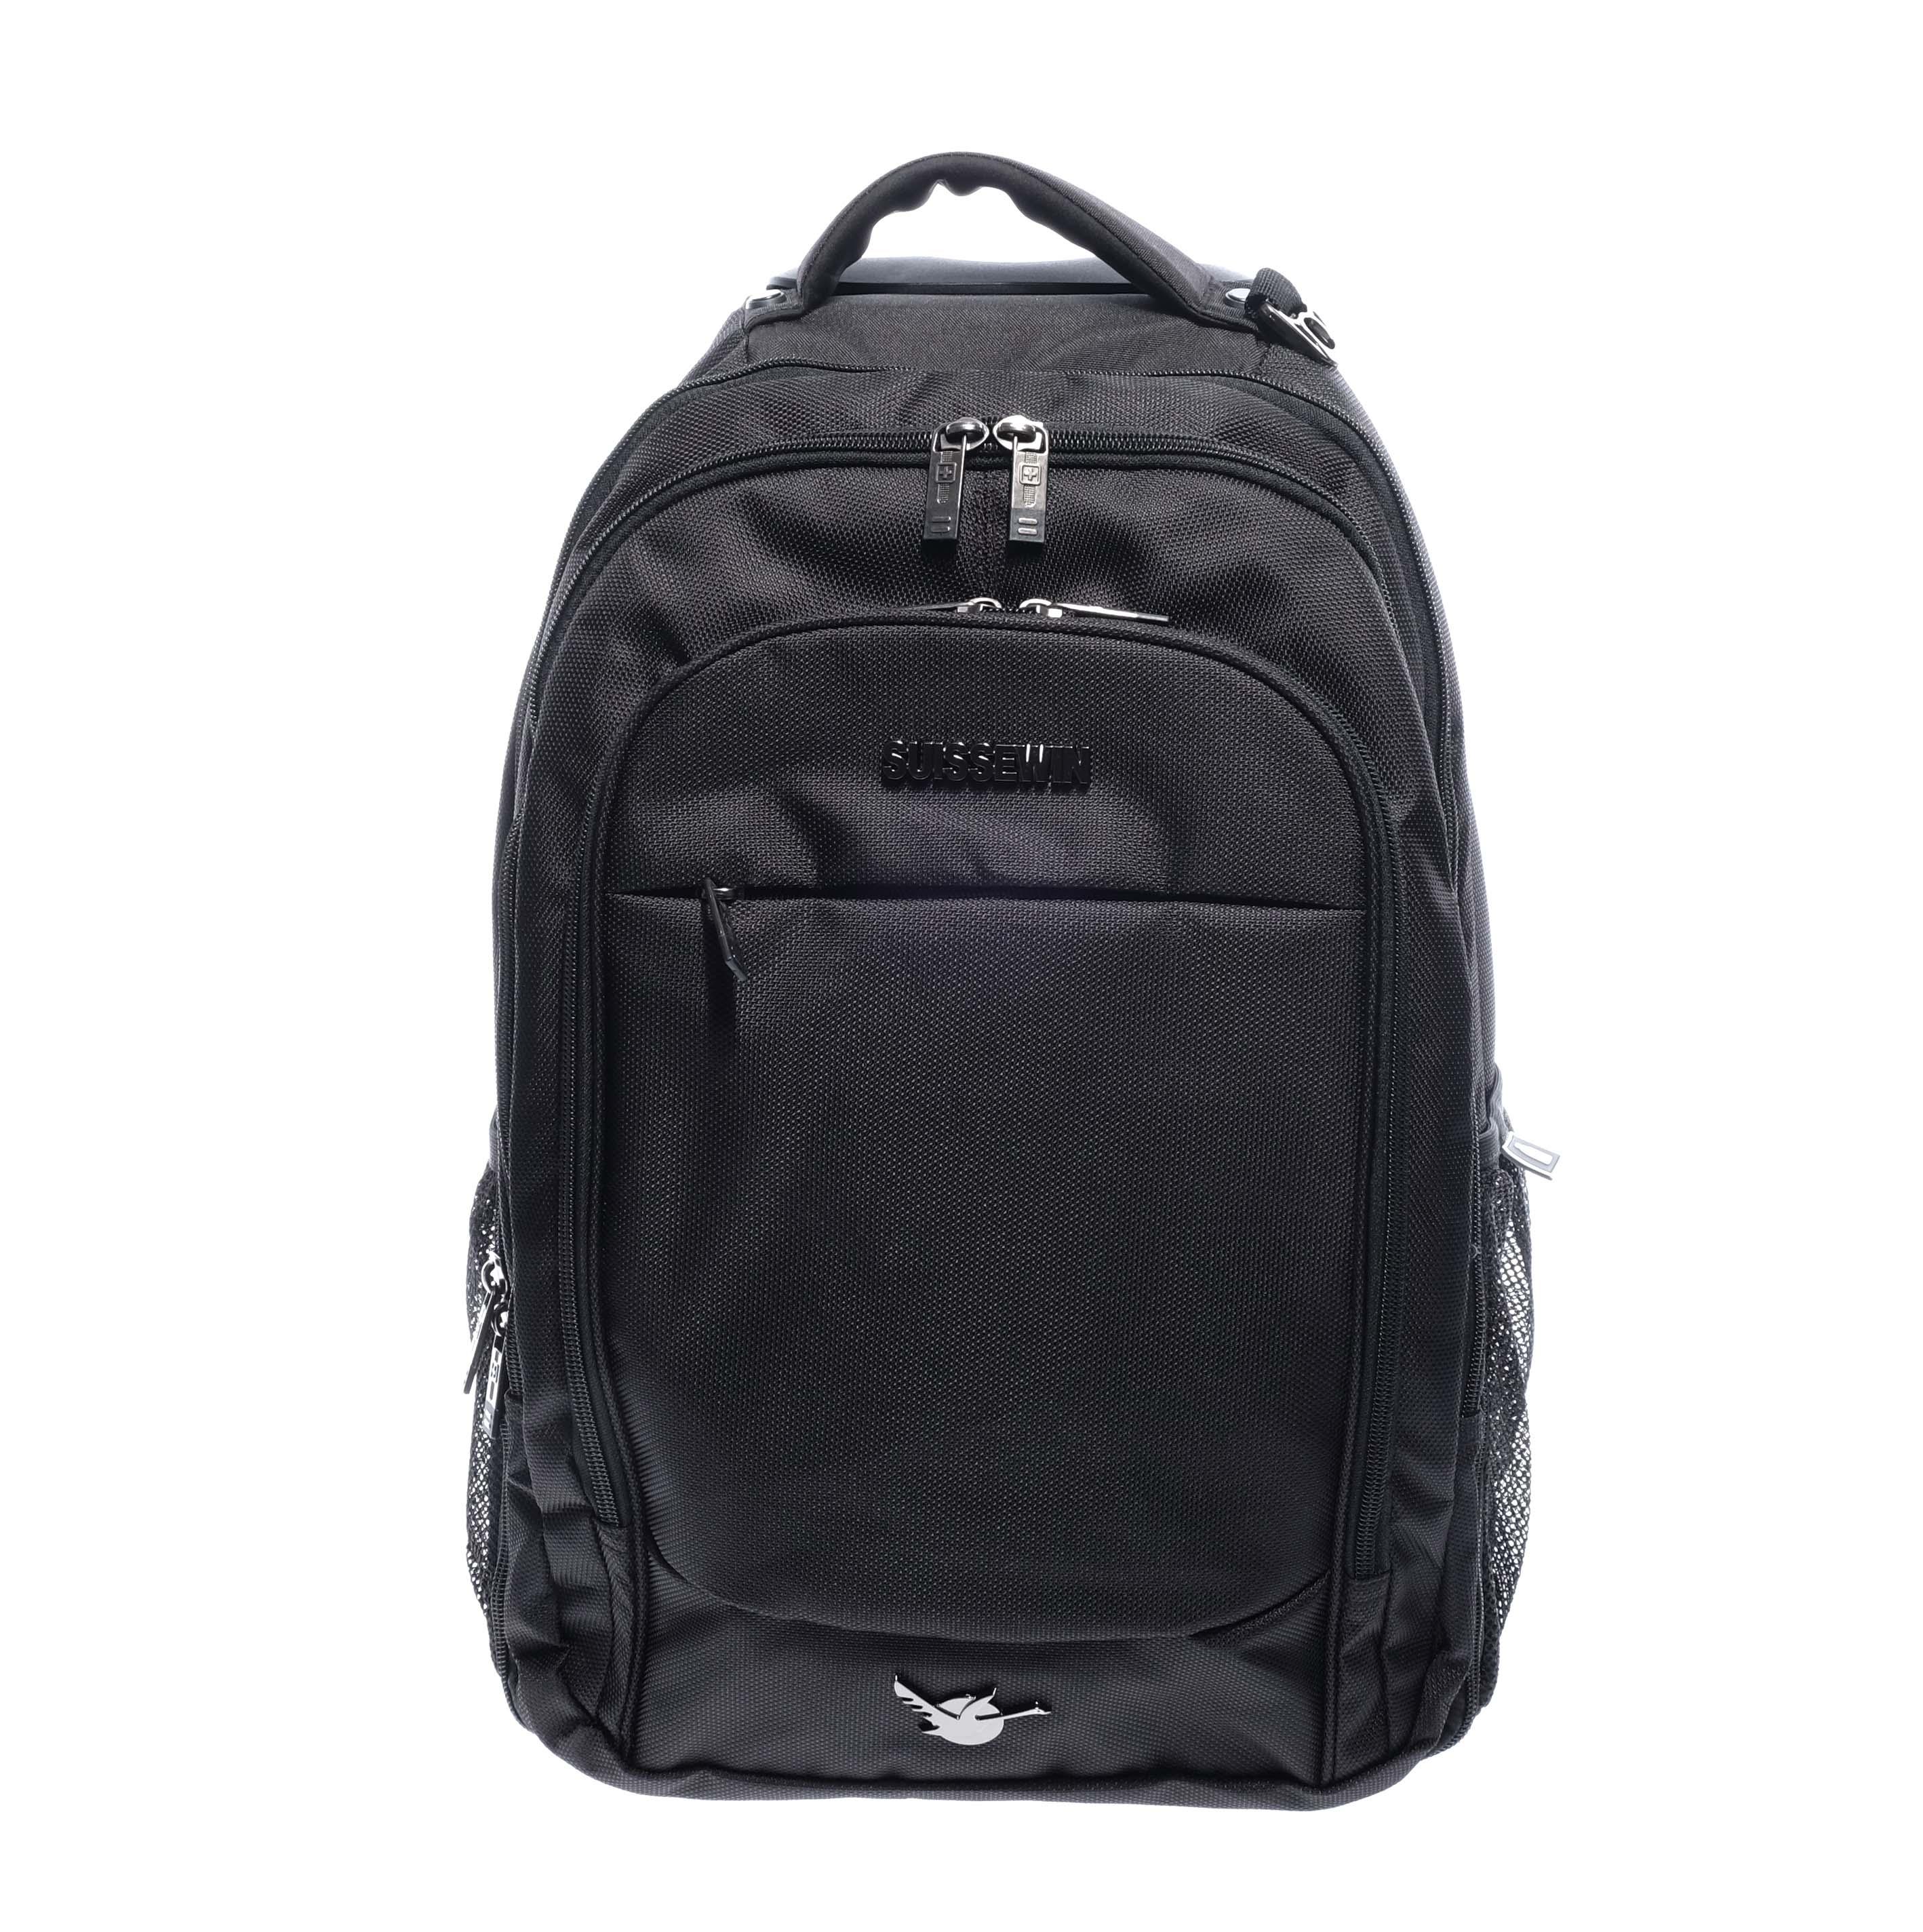 7d640a581be2 Suissewin Fekete Gurulós Hátizsák - HÁTIZSÁKOK - Táska webáruház - Minőségi  táskák mindenkinek